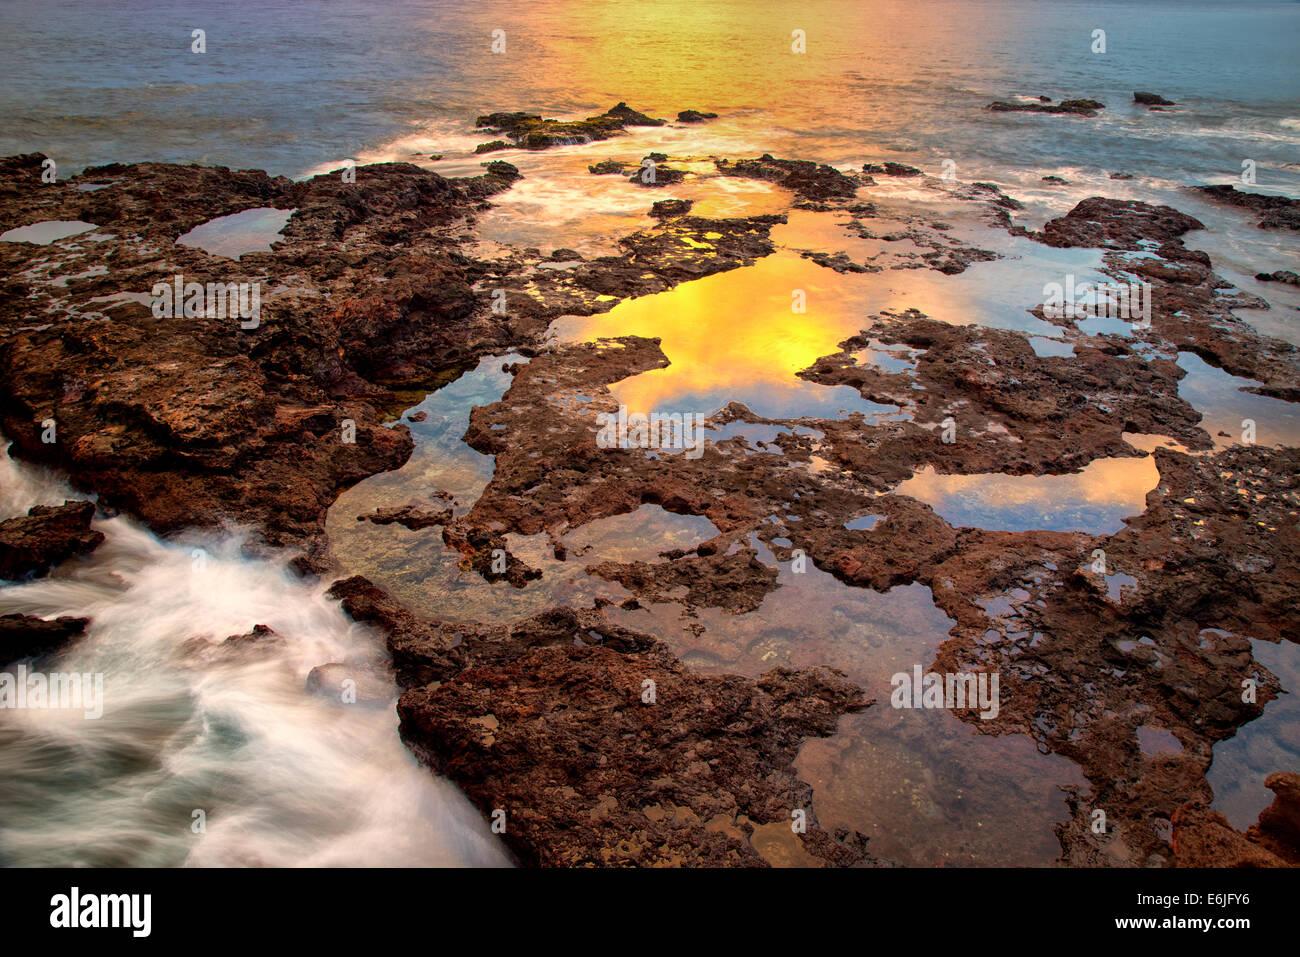 Sonnenuntergang Spiegelung bei Ebbe. Lanai, Hawaii. Stockbild